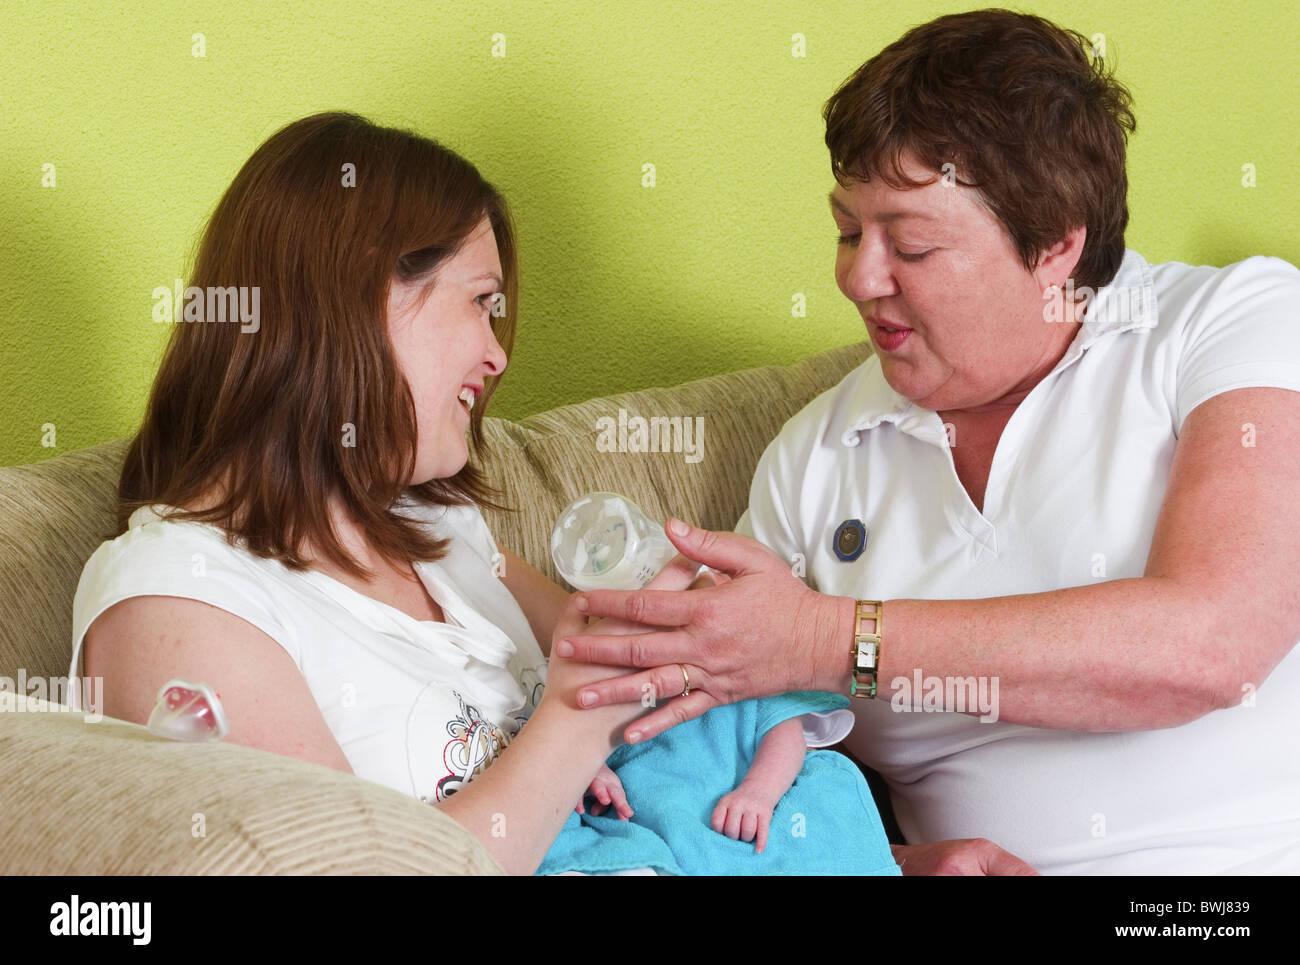 Maternity nurse helping mum bottle feeding new born baby - Stock Image